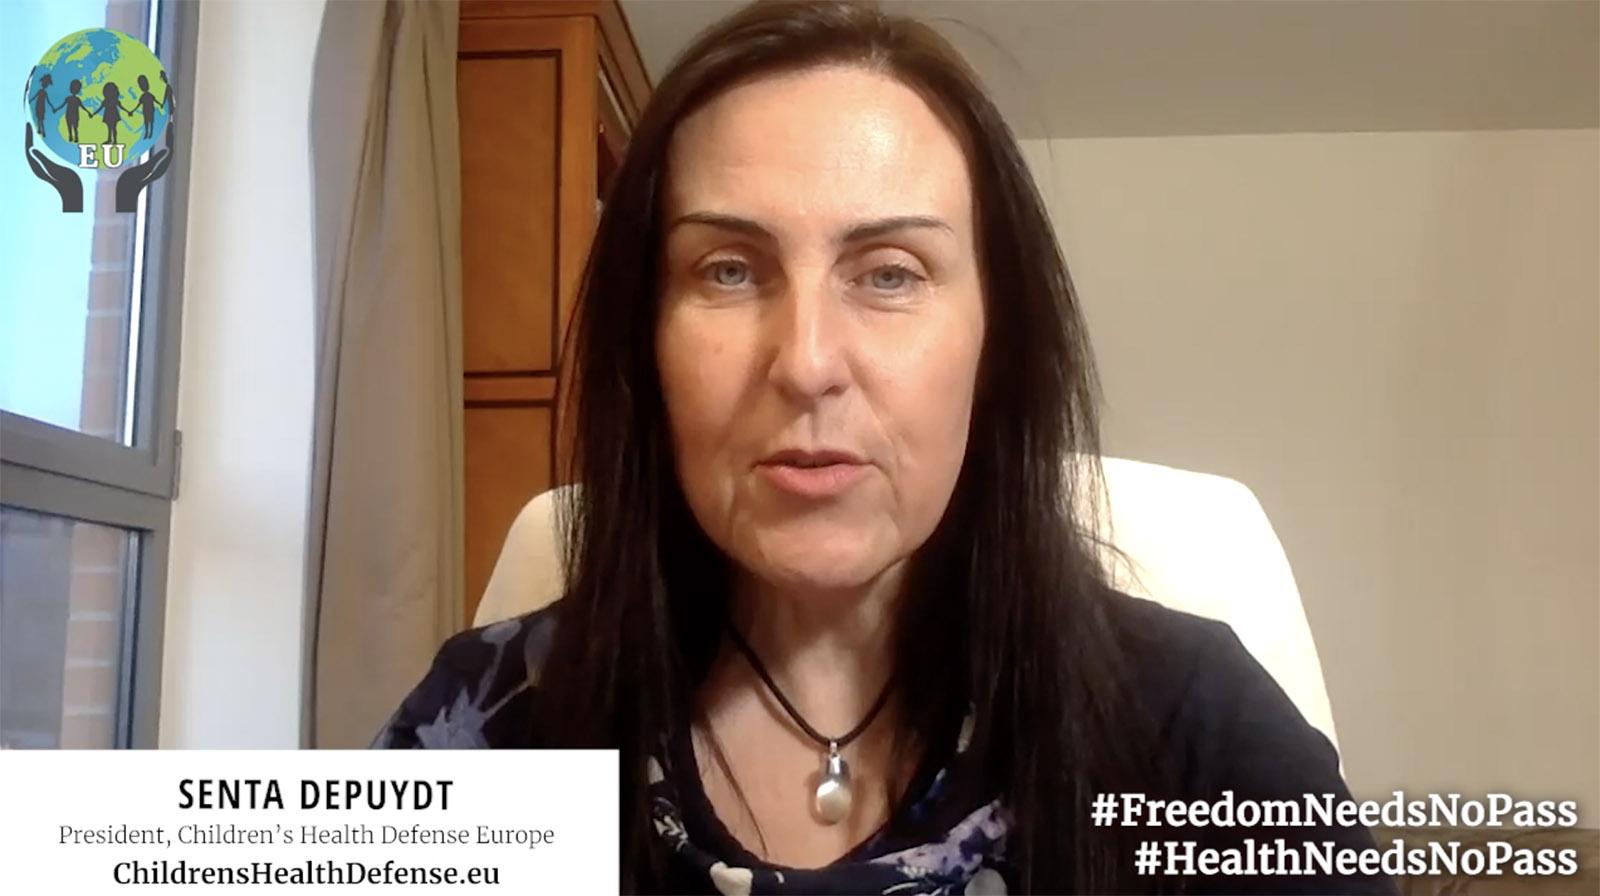 #StopGrenPass#FreedomNeedsNoPass (video in Italian)